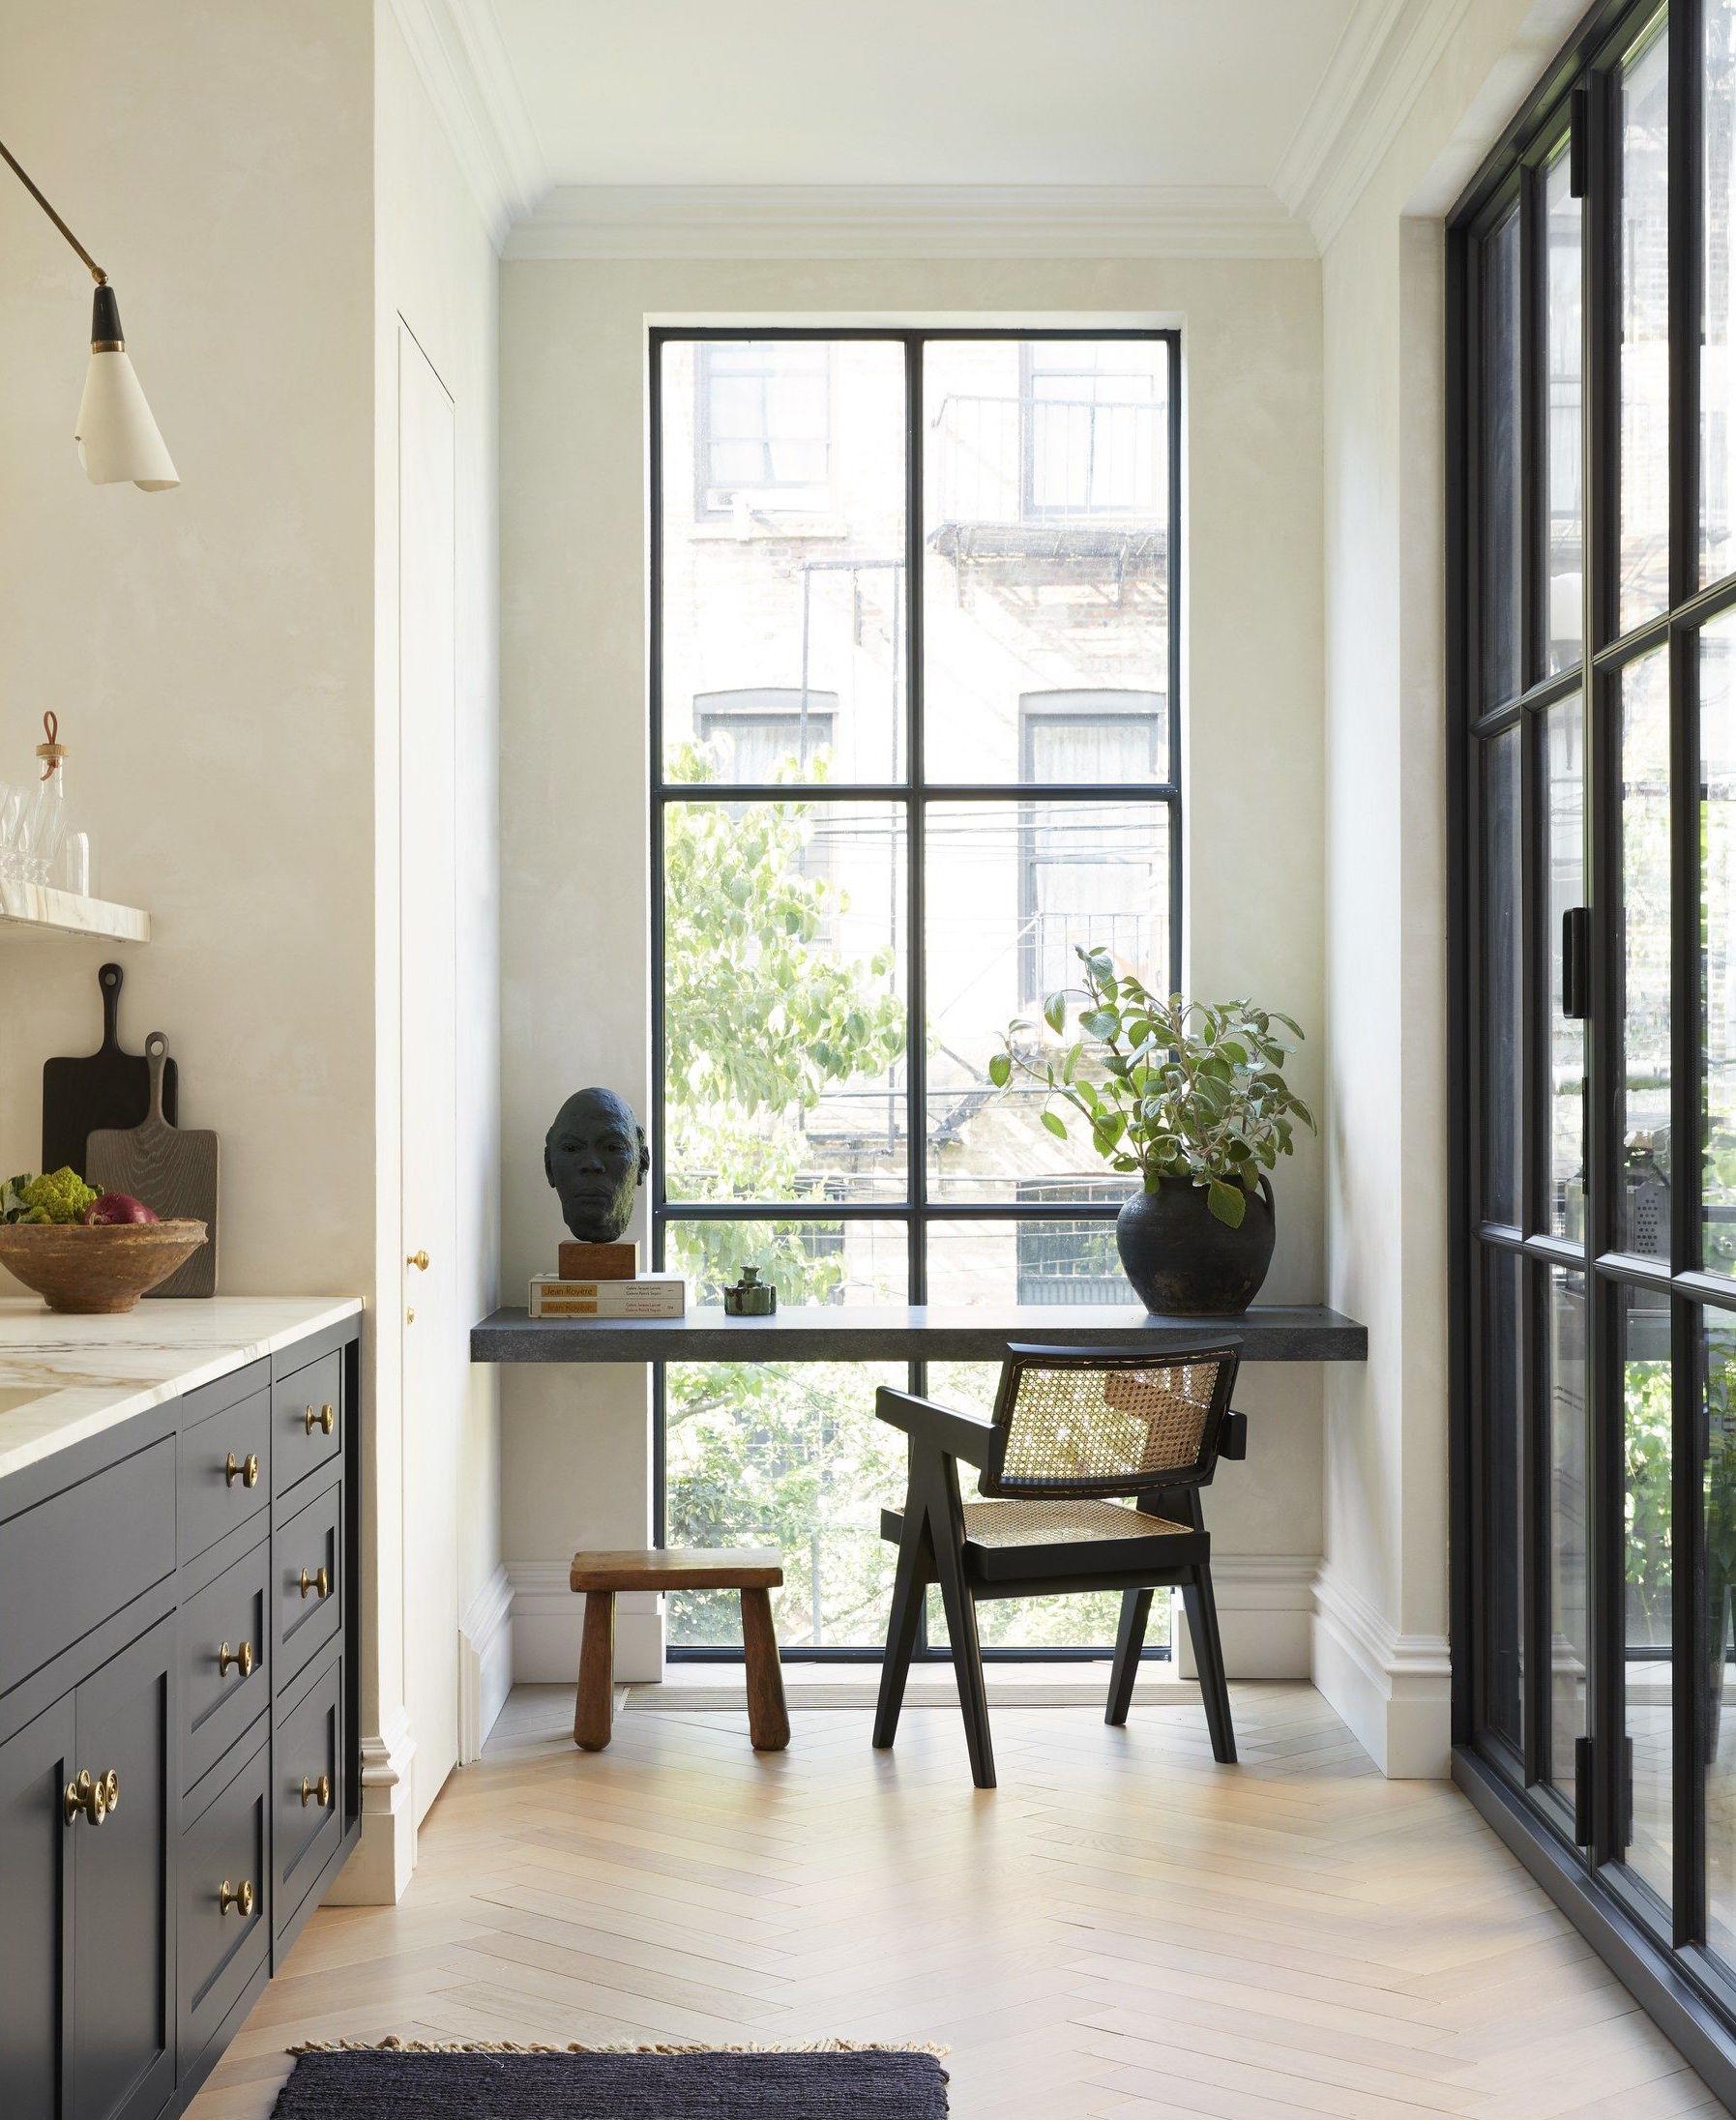 silla chandigarh negra diseñada por Pierre Jeanneret y Le Corbusier